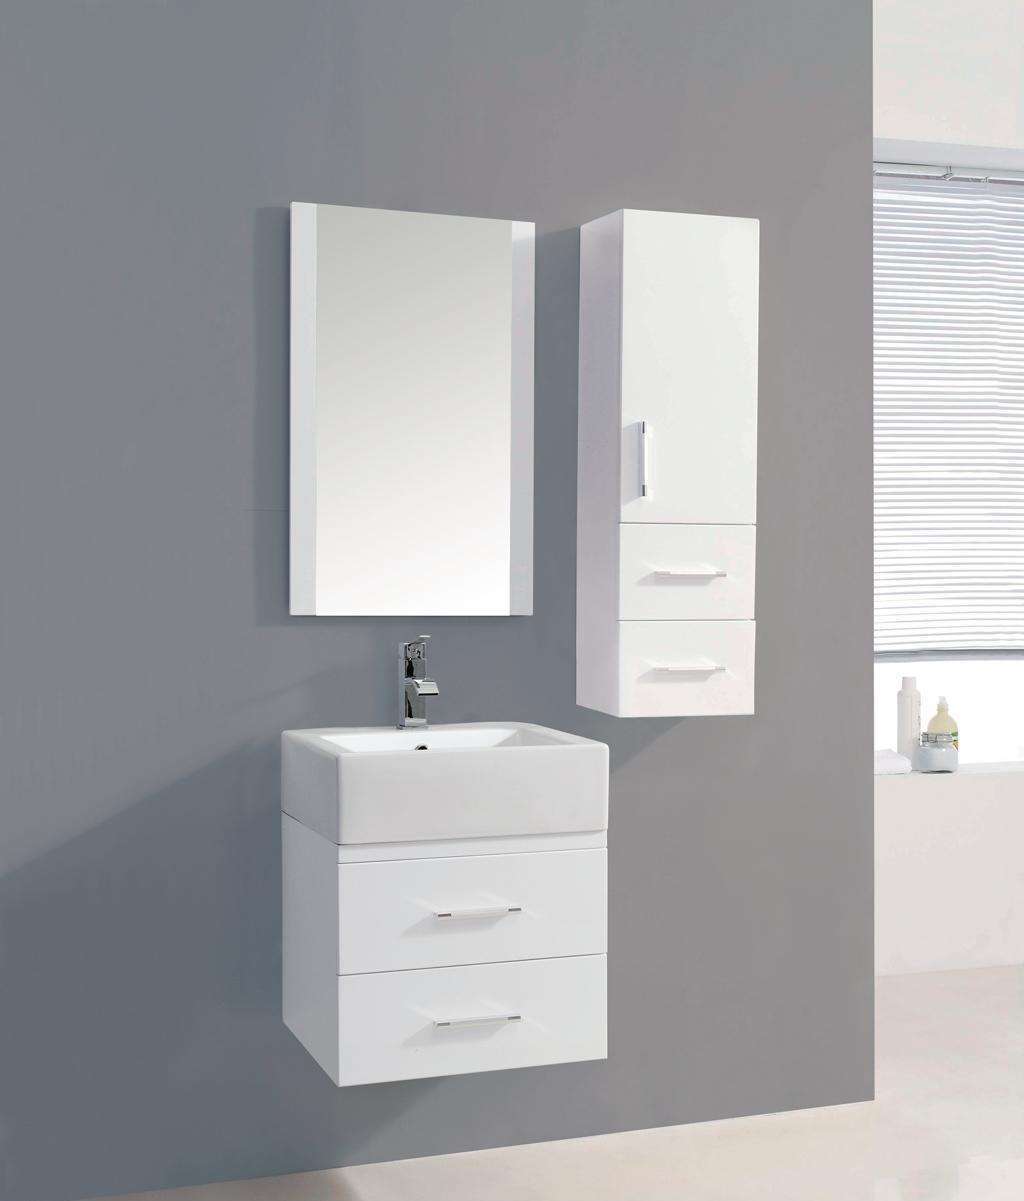 鹰卫浴PVC浴室柜BF-1110BF-1110